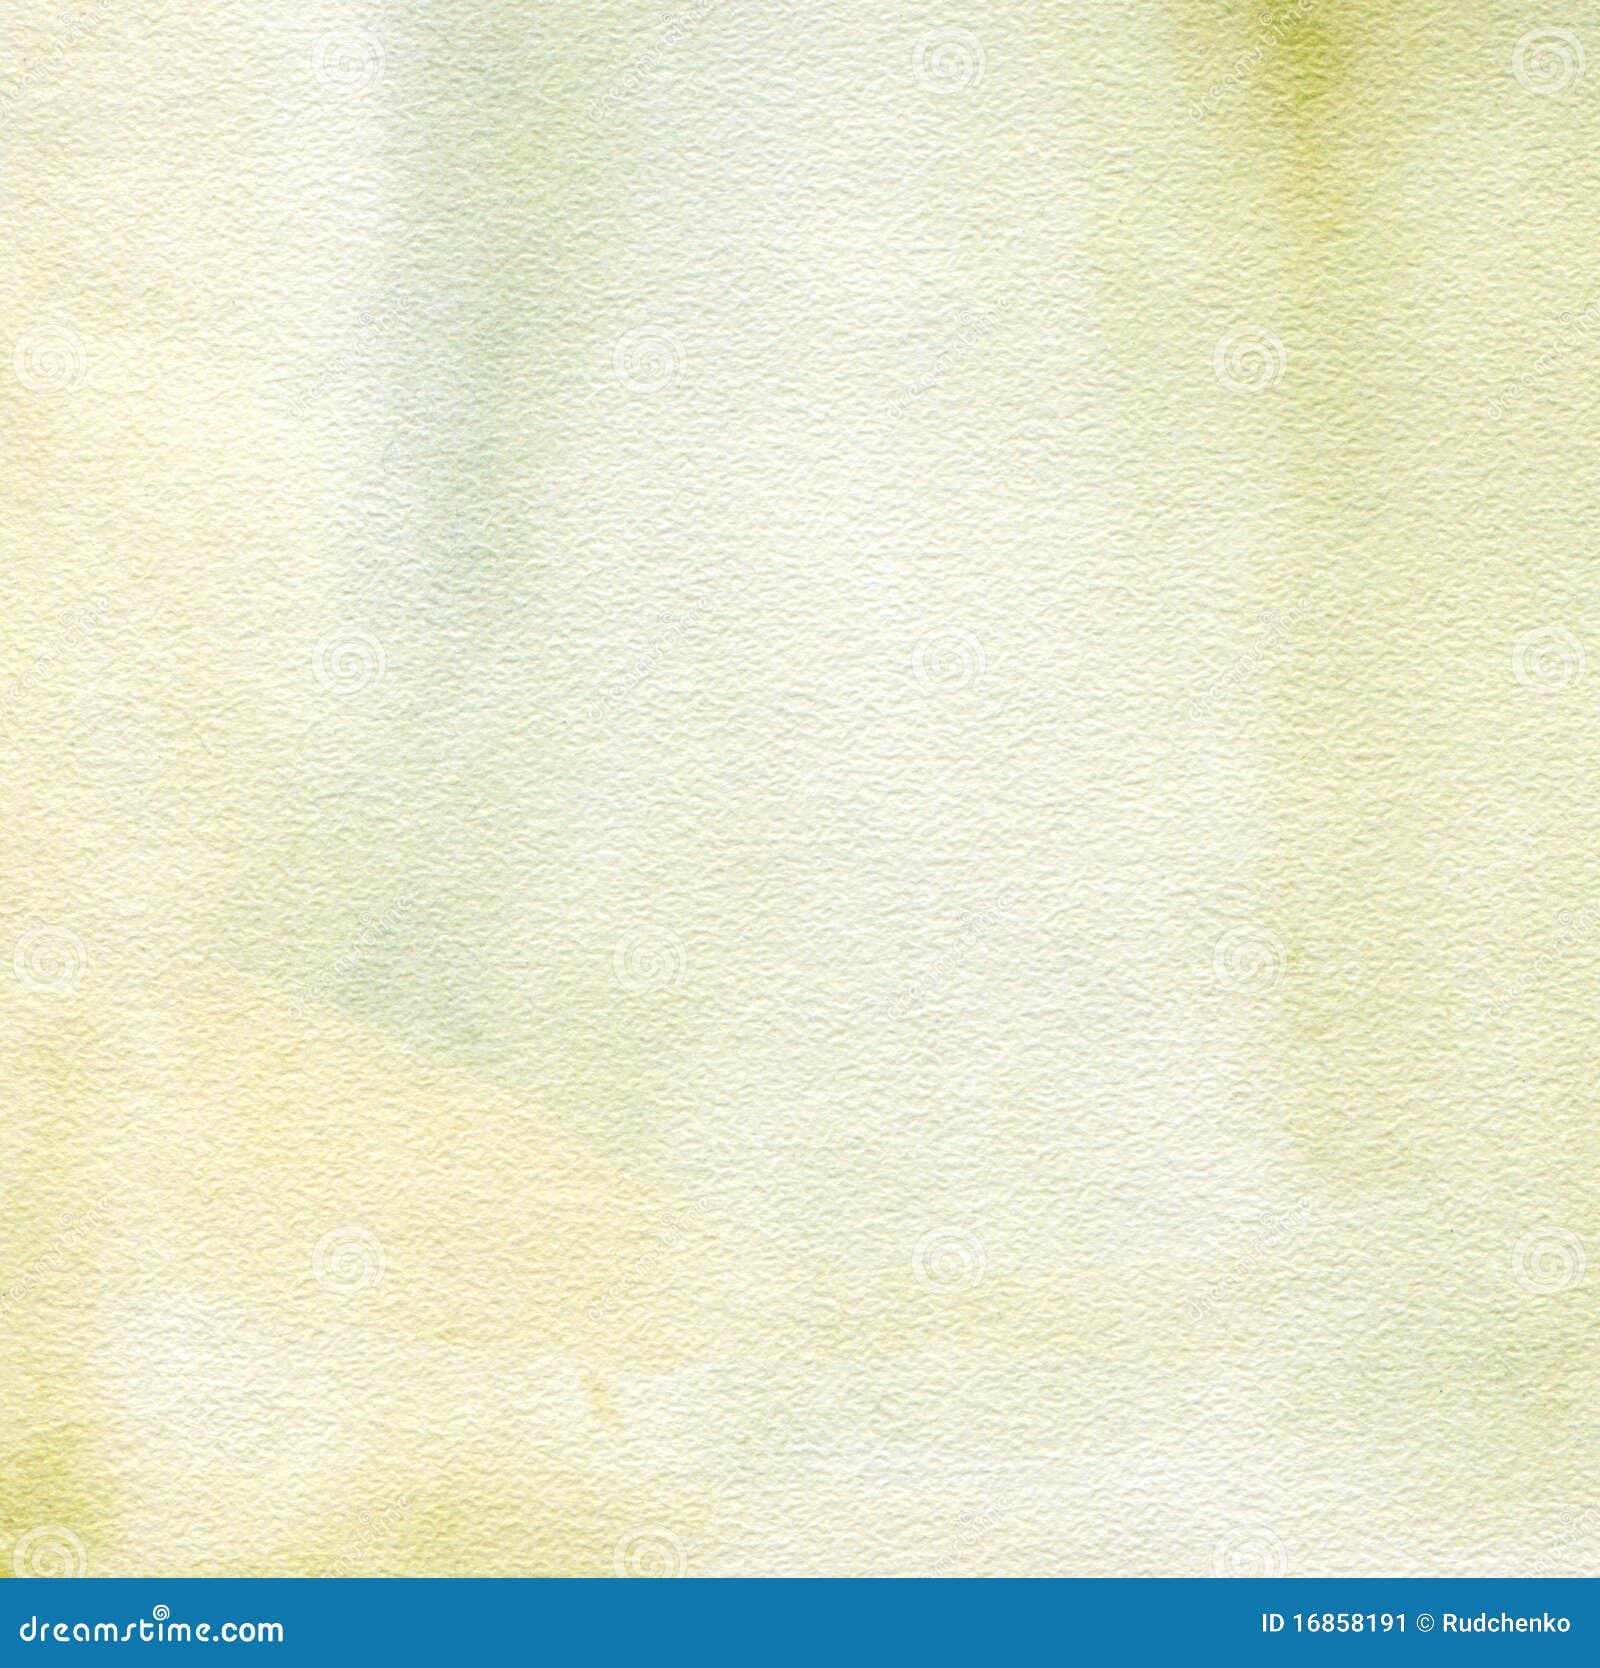 Aguarela de papel fundo pintado